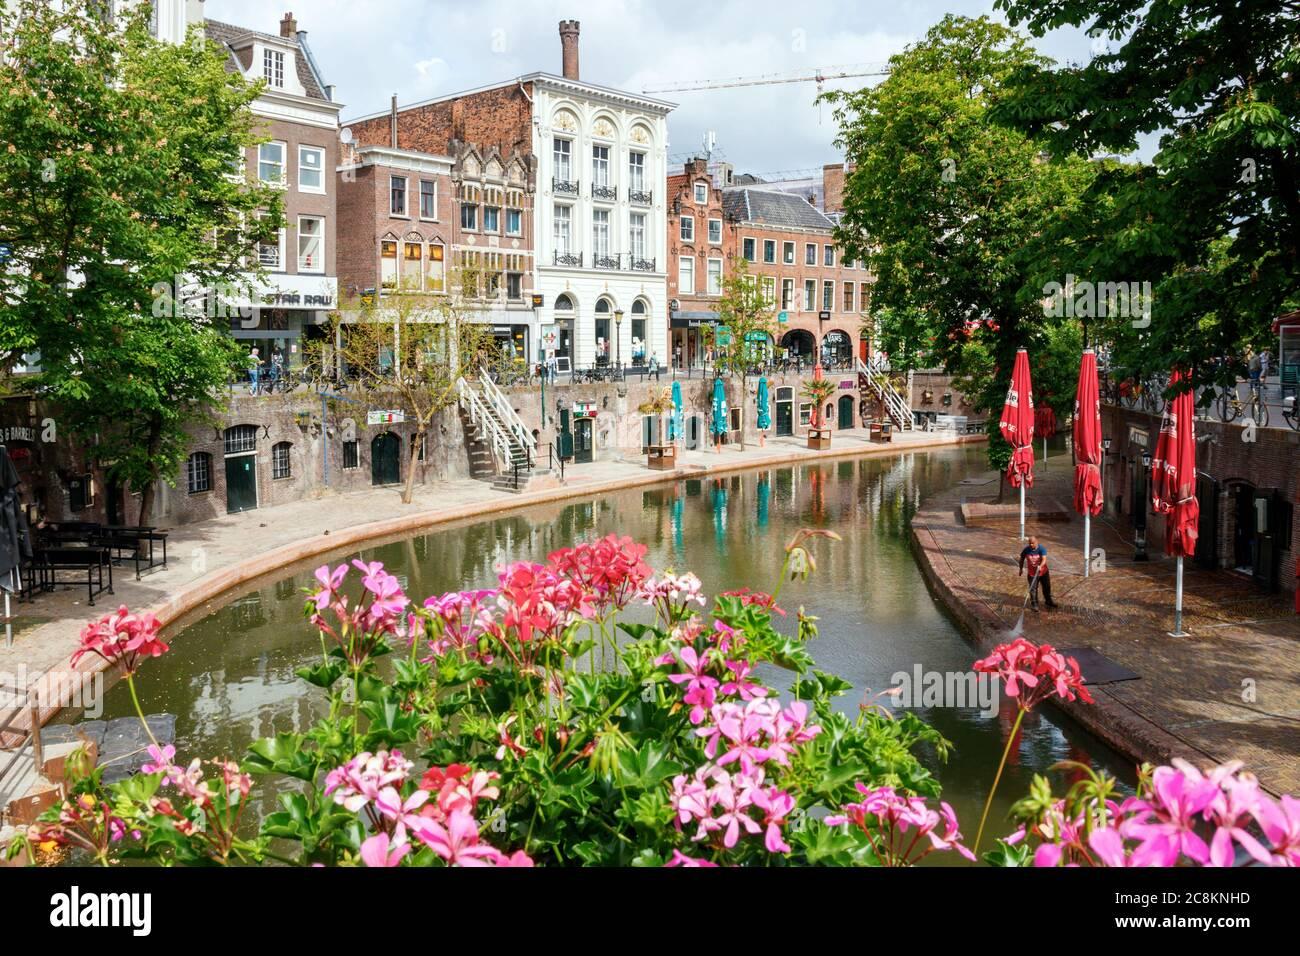 Utrecht. El Oudegracht (Canal Viejo) con flores, muelles medievales y el Fresenburch, una de las casas monumentales. Países Bajos. Foto de stock